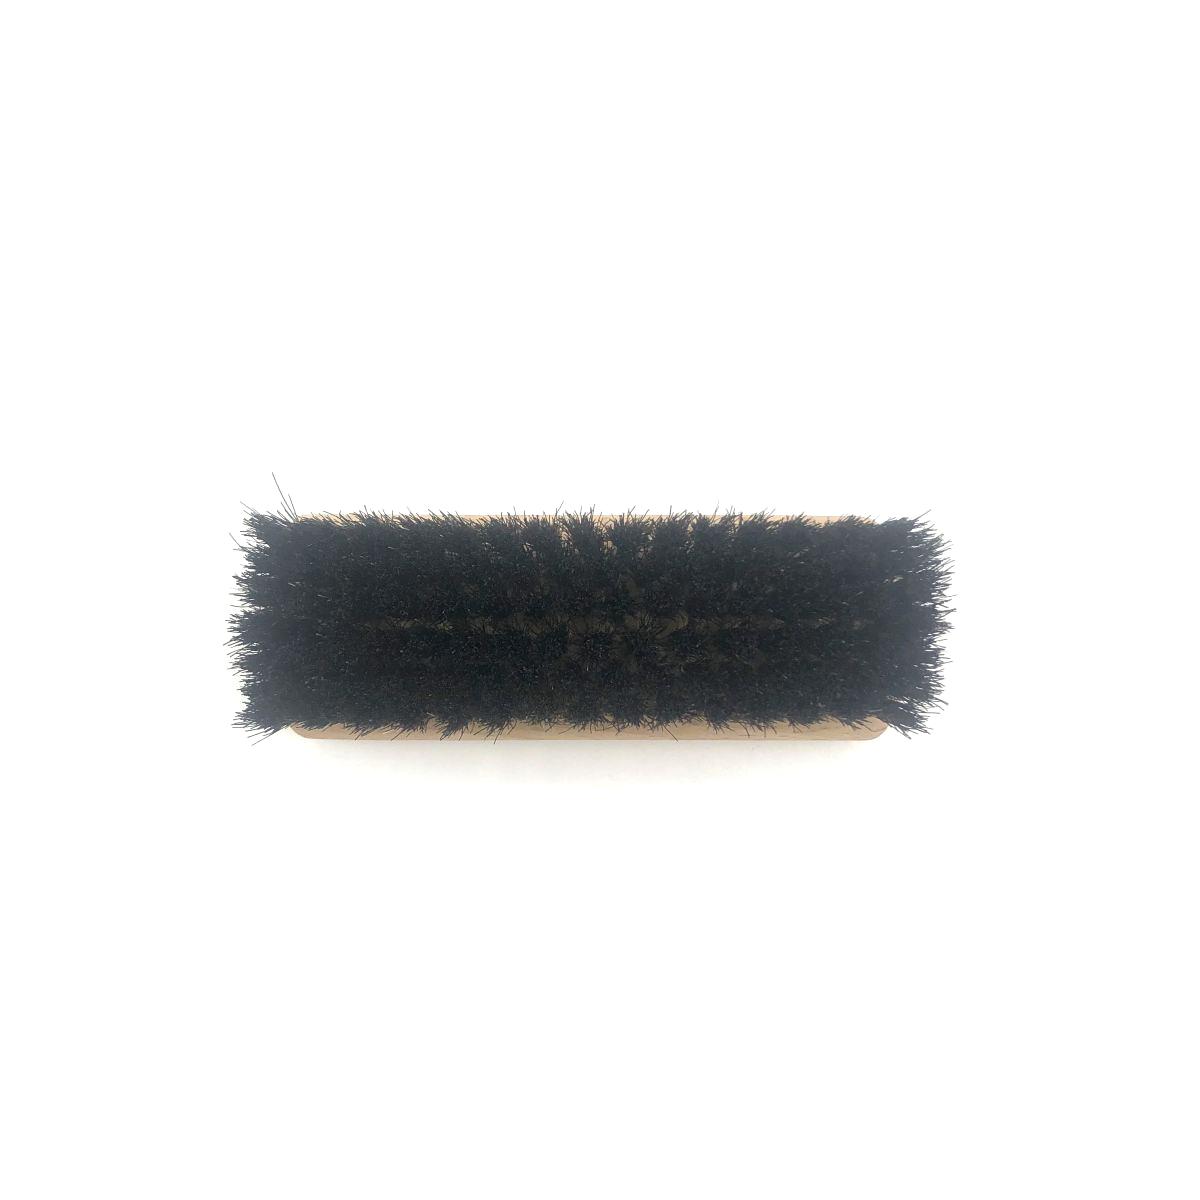 Schuh-Glanzbürste klein mit dunklem Naturhaar